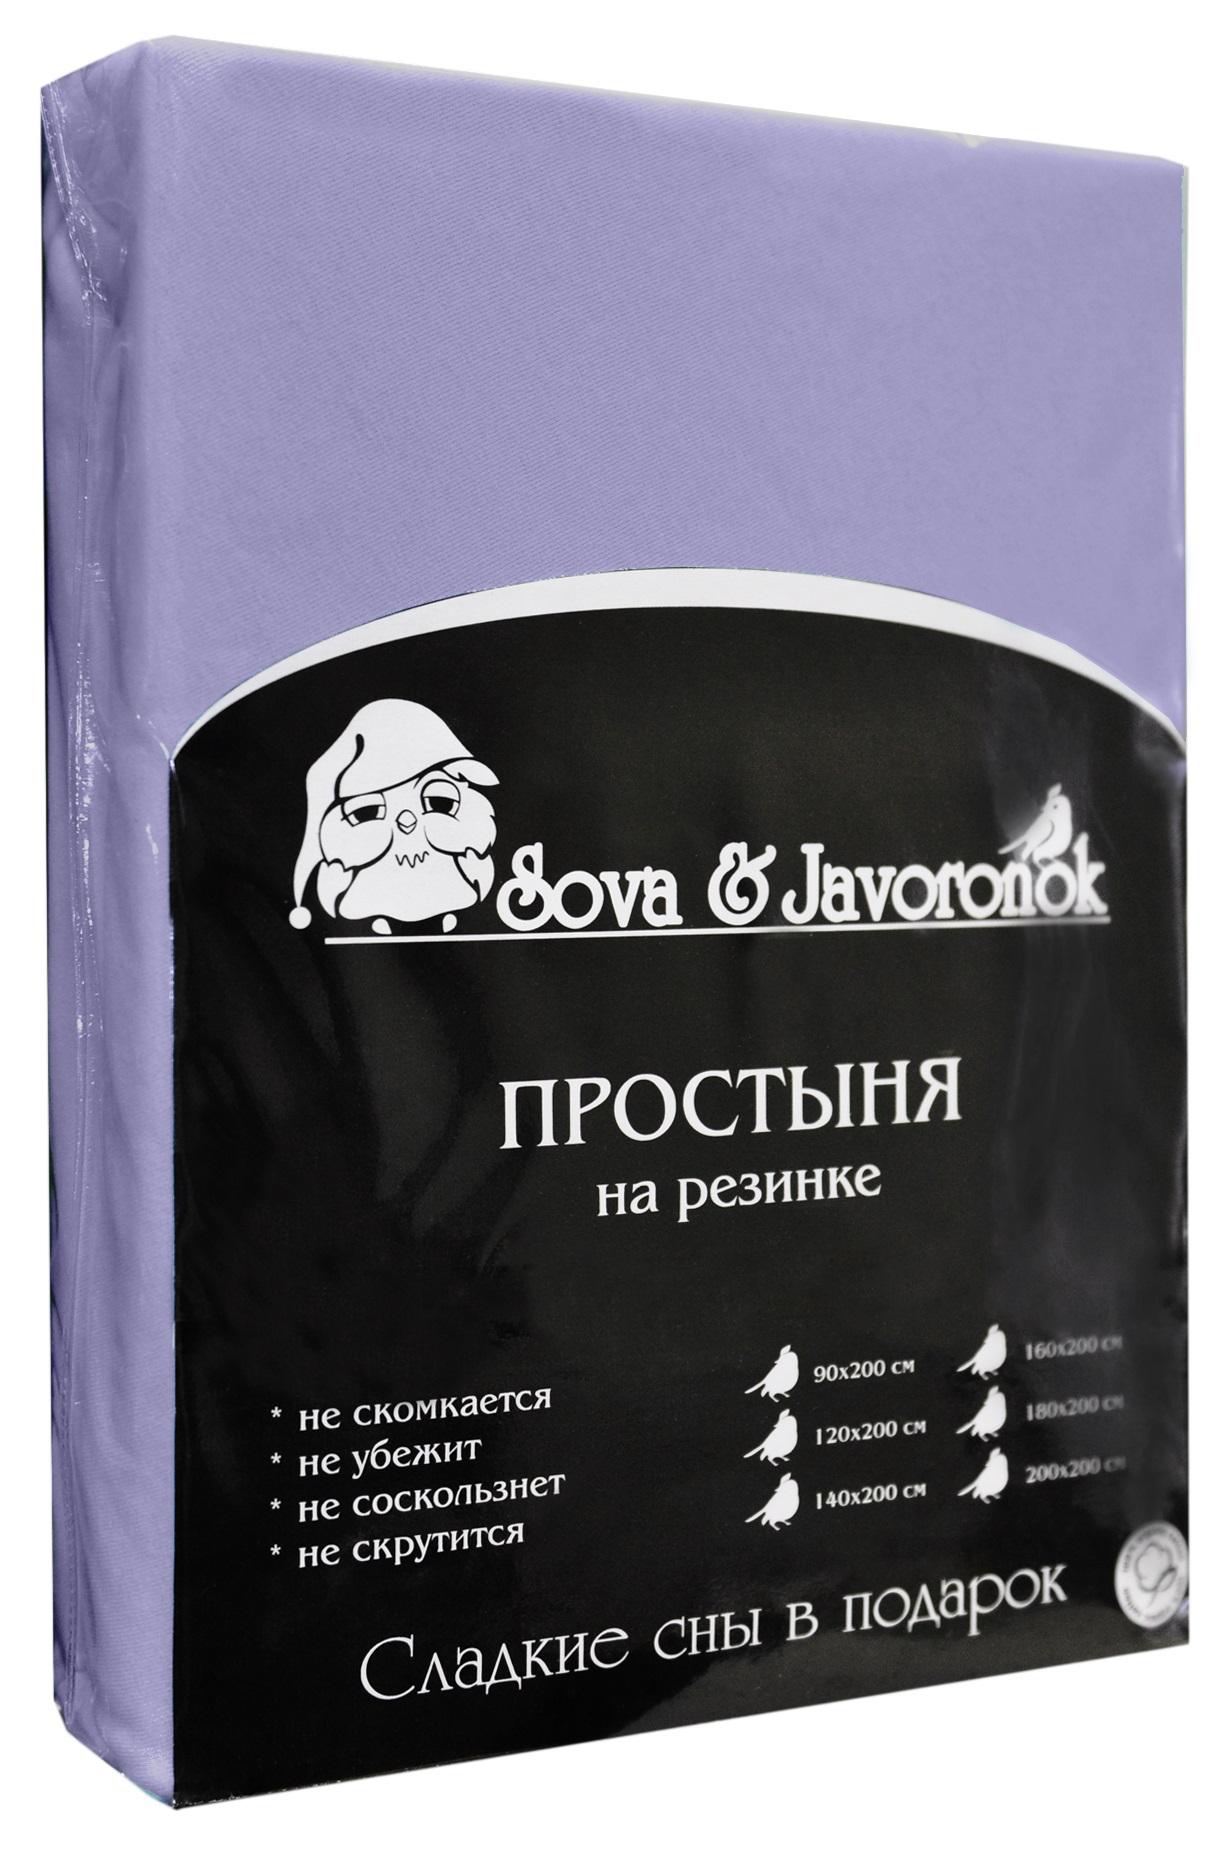 Простыня на резинке Sova & Javoronok, цвет: фиолетовый, 160 см х 200 смES-412Простыня на резинке Sova & Javoronok, изготовленная из трикотажной ткани (100% хлопок), будет превосходно смотреться с любыми комплектами белья. Хлопчатобумажный трикотаж по праву считается одним из самых качественных, прочных и при этом приятных на ощупь. Его гигиеничность позволяет использовать простыню и в детских комнатах, к тому же 100%-ый хлопок в составе ткани не вызовет аллергии. У трикотажного полотна очень интересная структура, немного рыхлая за счет отсутствия плотного переплетения нитей и наличия особых петель, благодаря этому простыня Сова и Жаворонок отлично пропускает воздух и способствует его постоянной циркуляции. Поэтому ваша постель будет всегда оставаться свежей. Но главное и, пожалуй, самое известное свойство трикотажа - это его великолепная растяжимость, поэтому эта ткань и была выбрана для натяжной простыни на резинке.Простыня прошита резинкой по всему периметру, что обеспечивает более комфортный отдых, так как она прочно удерживается на матрасе и избавляет от необходимости часто поправлять простыню.